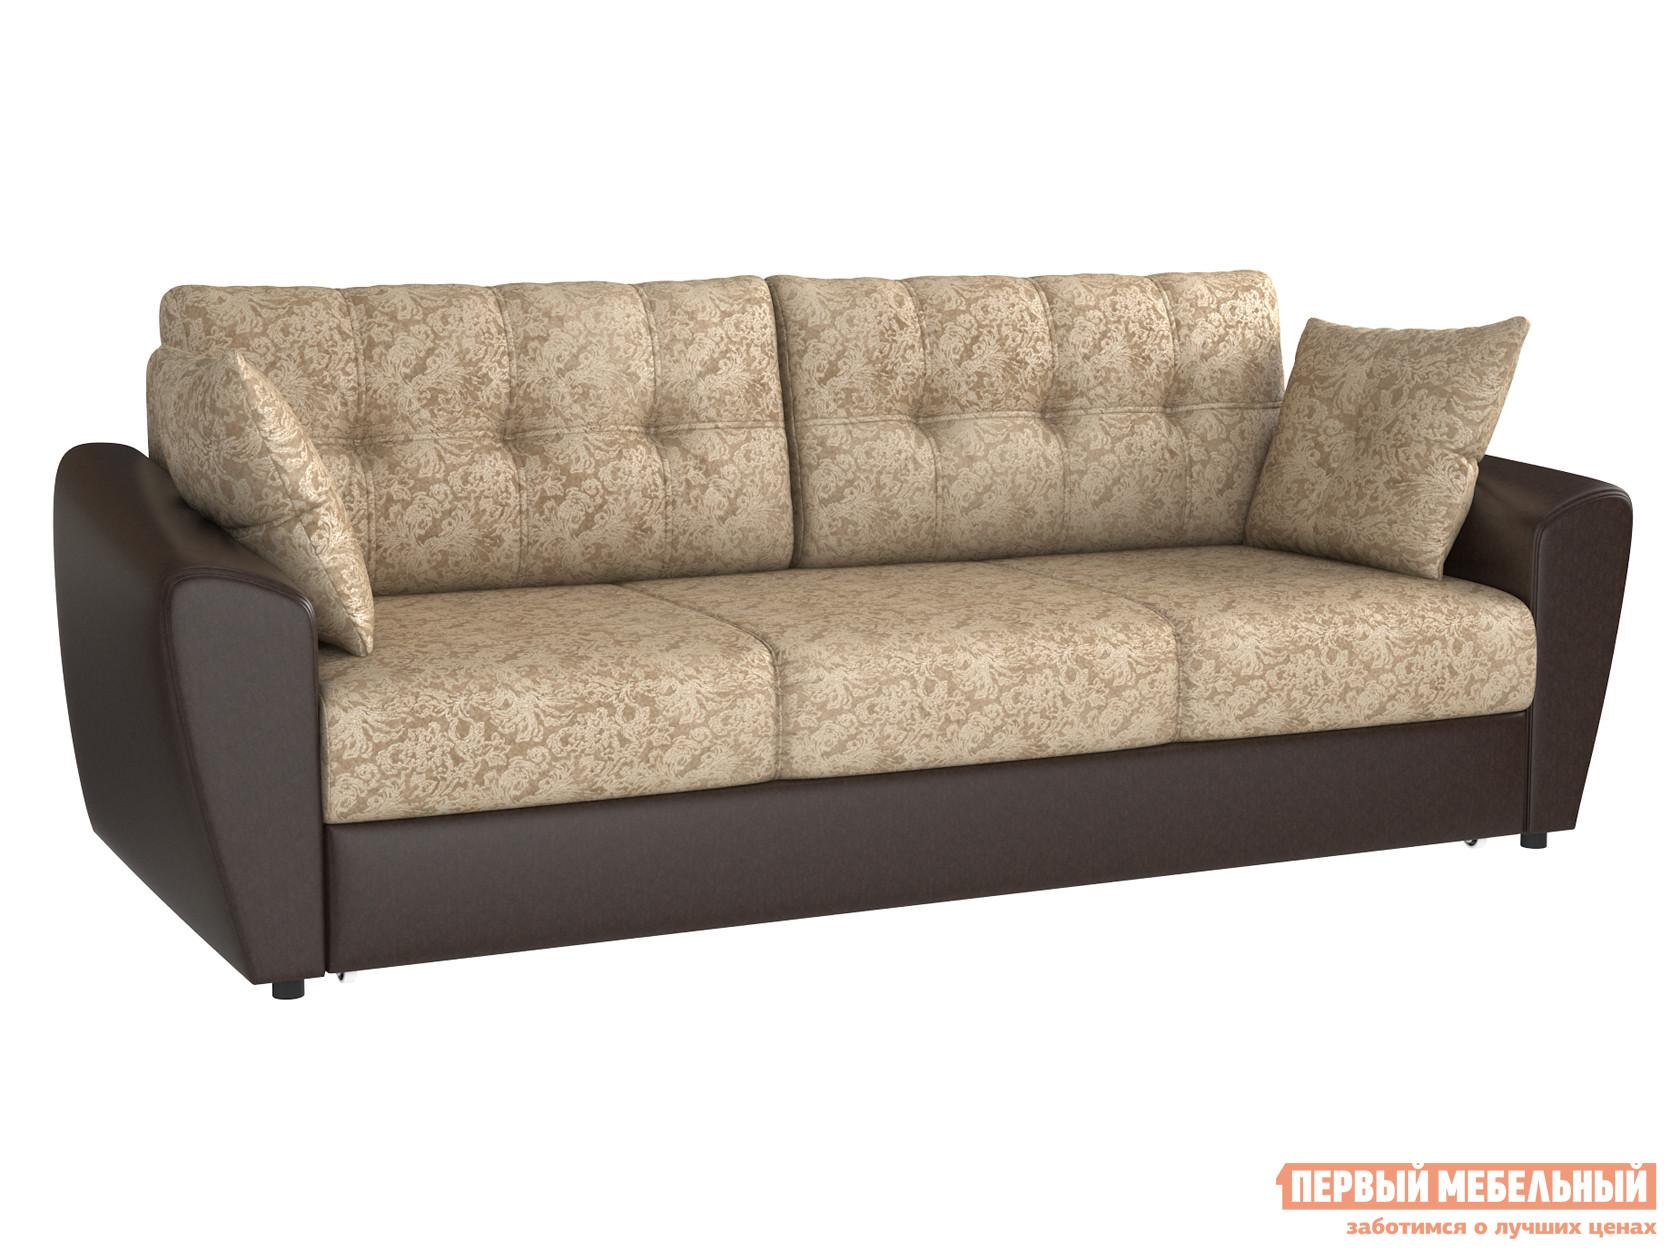 цена Прямой диван Первый Мебельный Лимбург Люкс